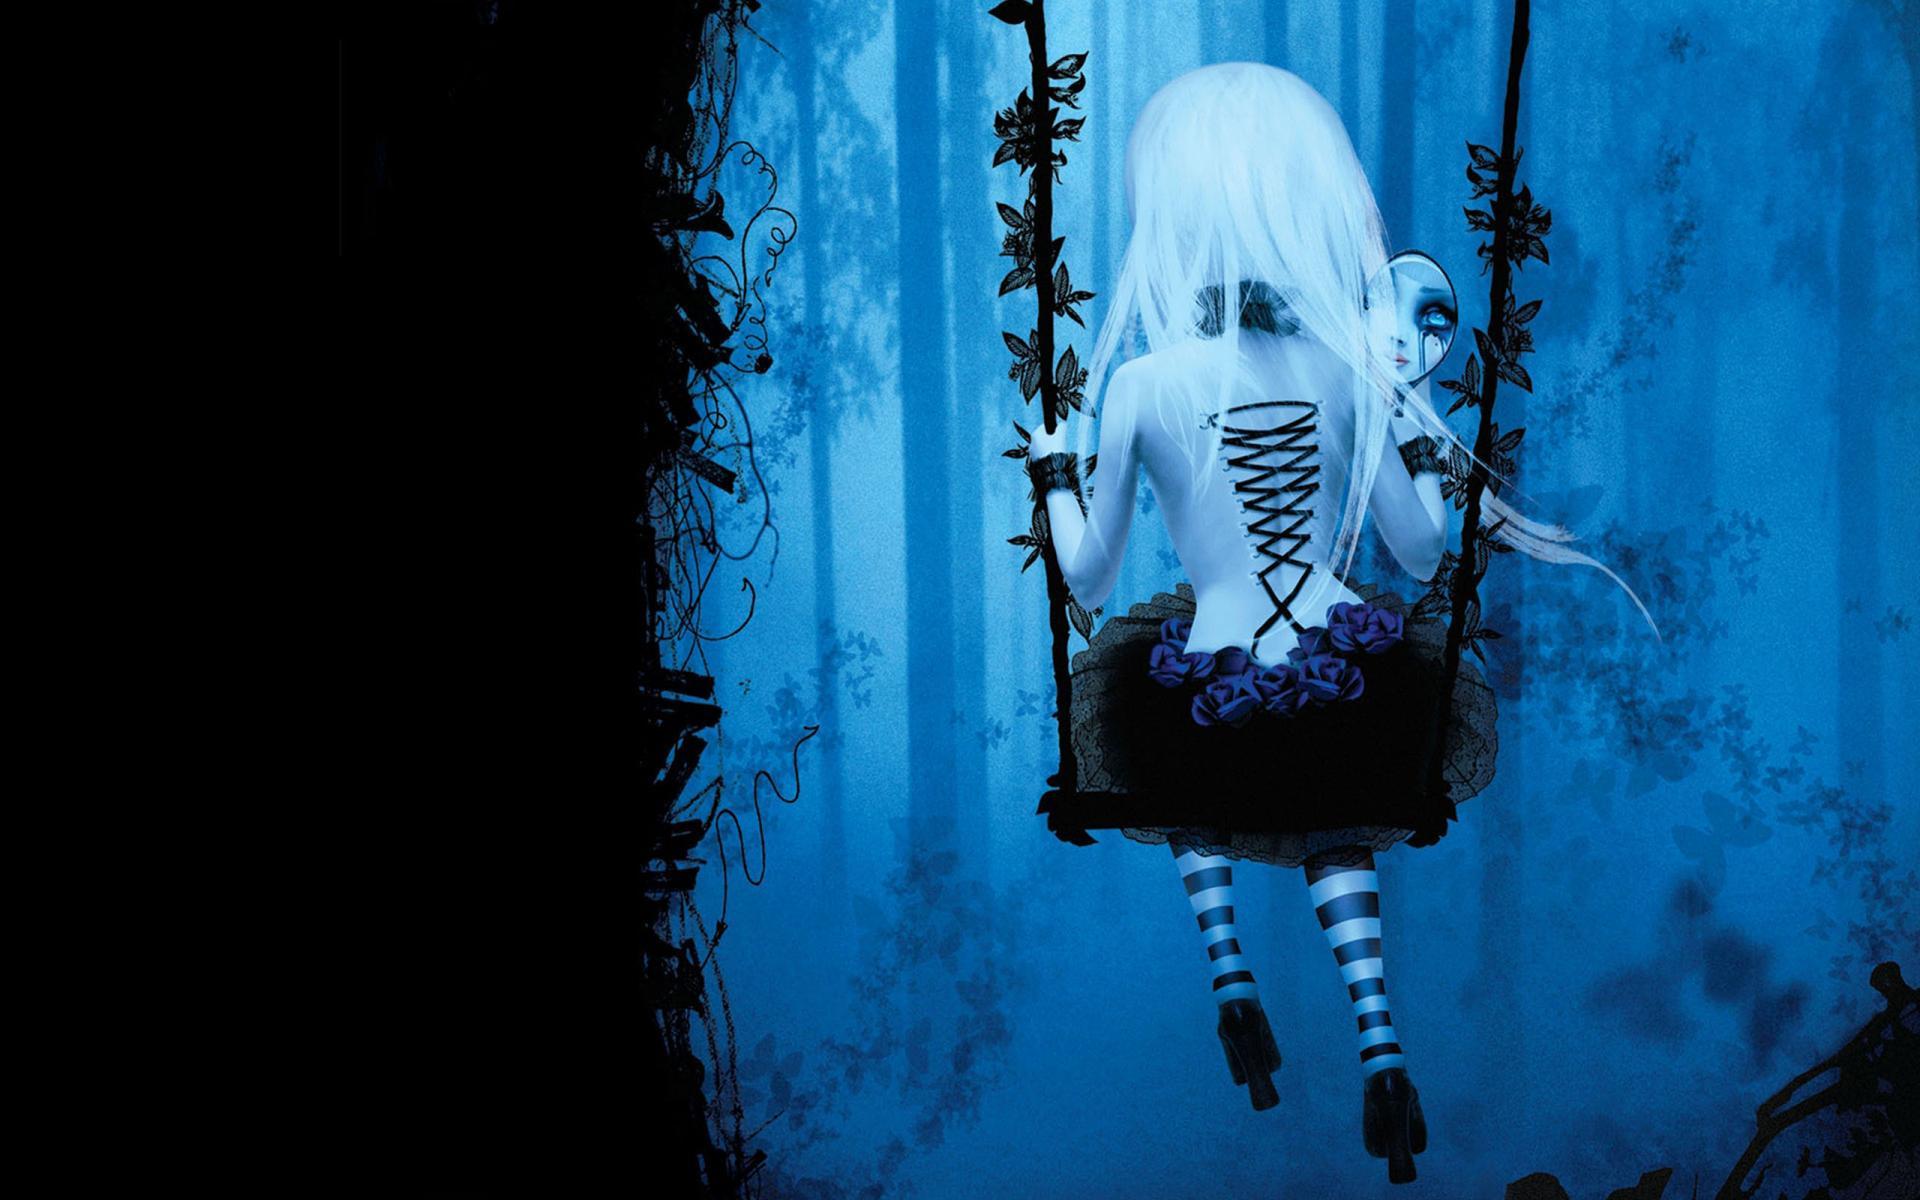 Dark gothic anime fantasy trees fog mood girl women swing wallpaper 1920x1200